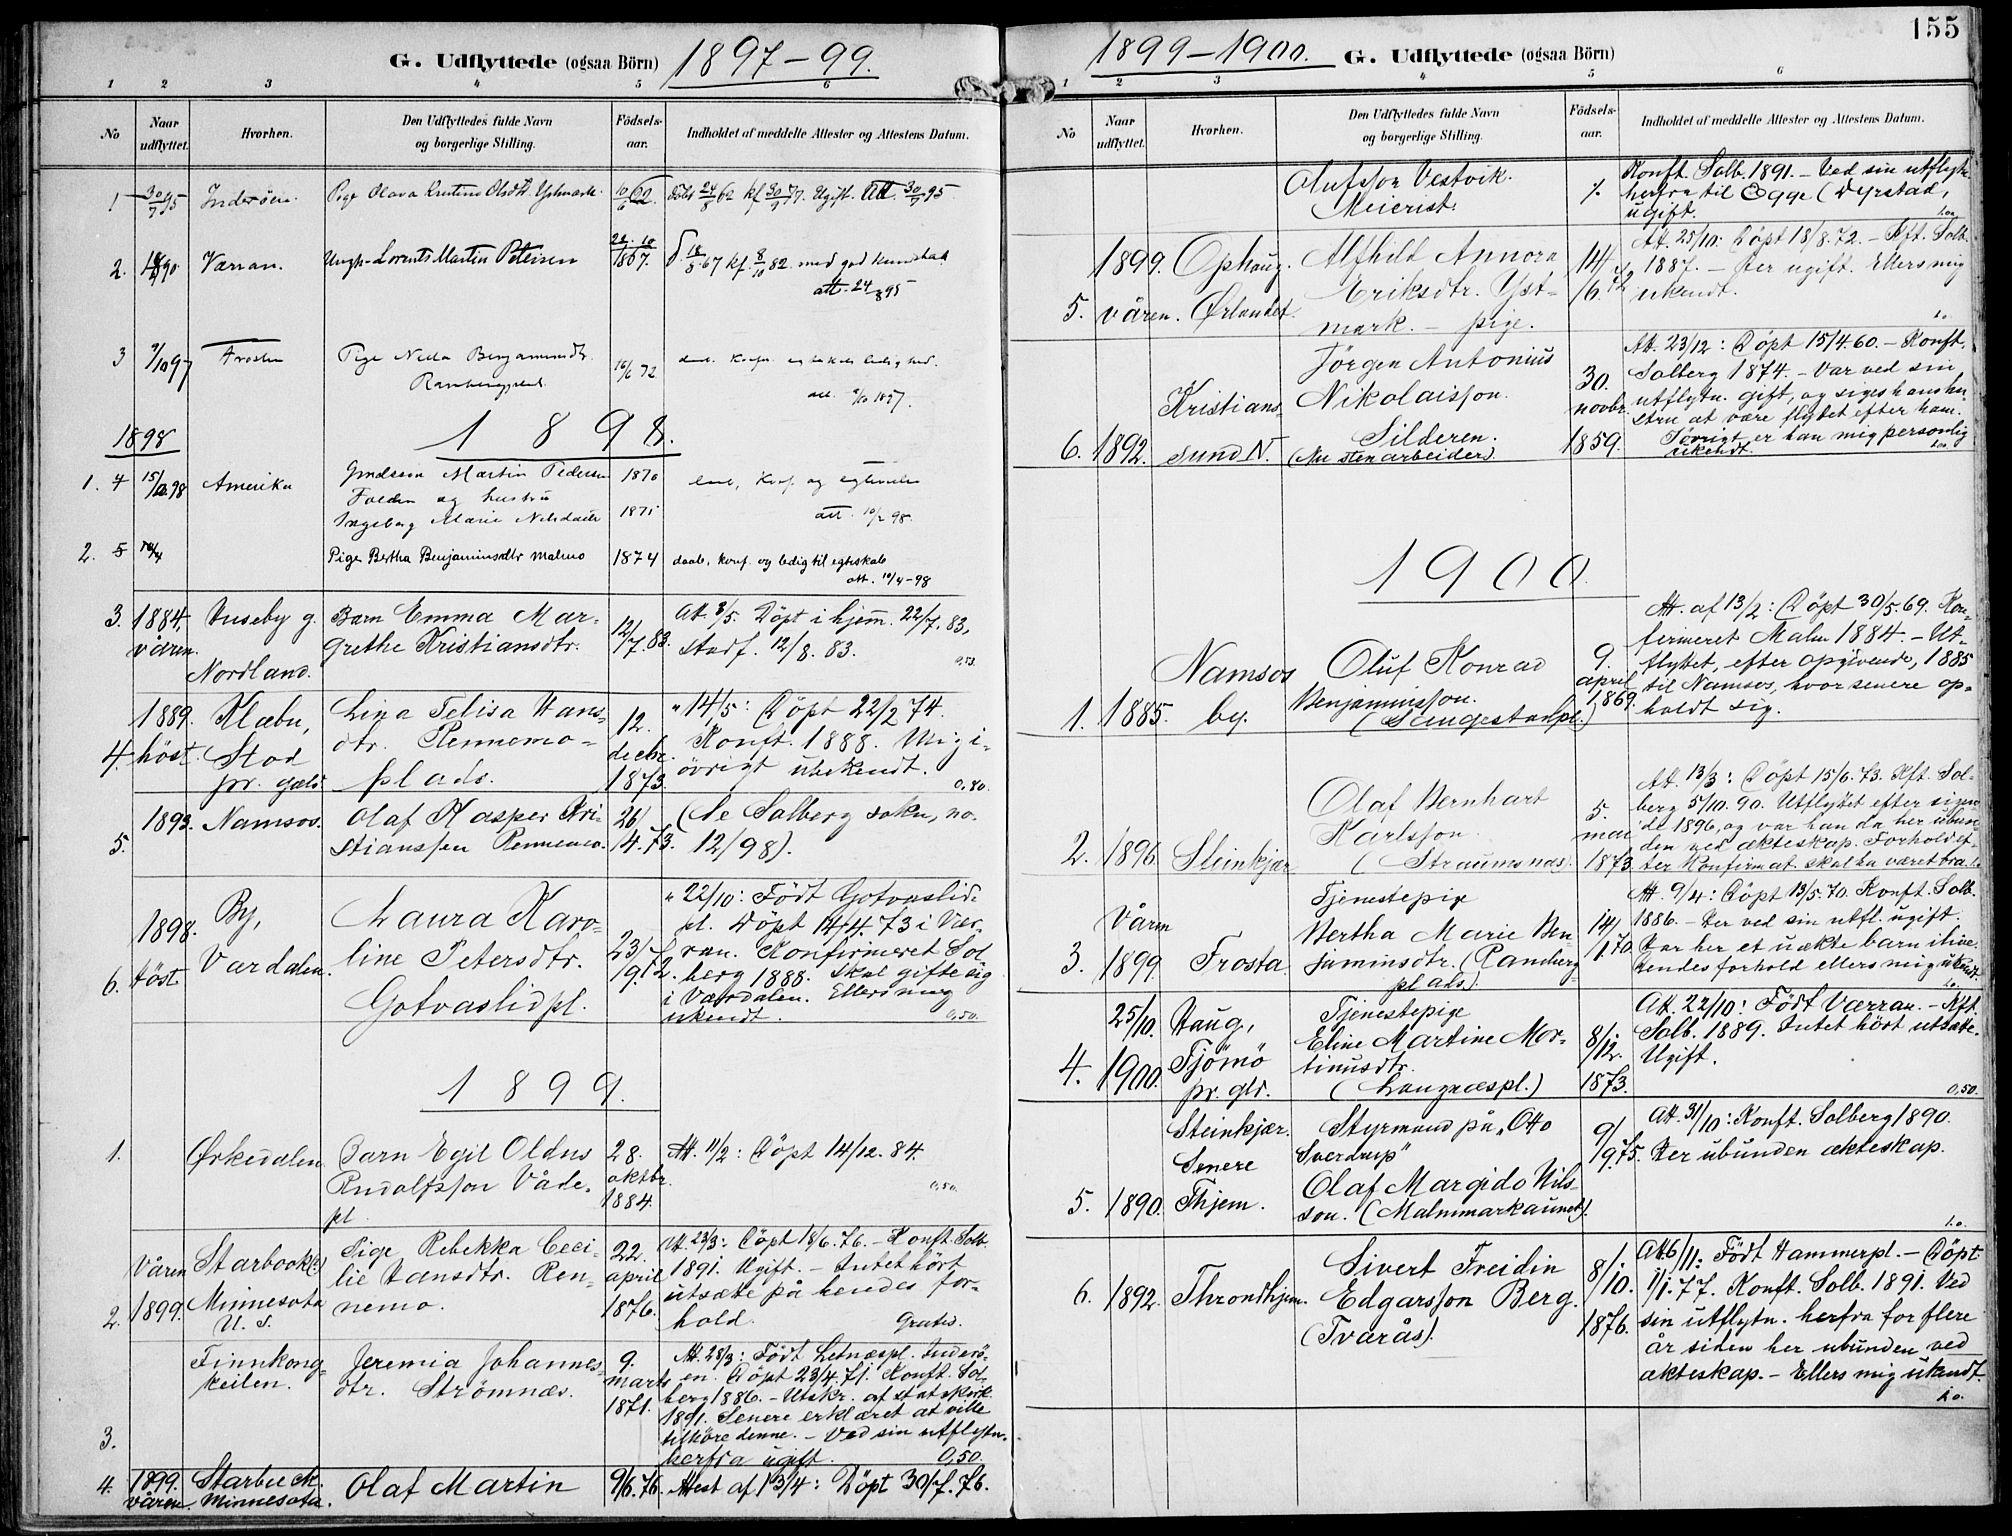 SAT, Ministerialprotokoller, klokkerbøker og fødselsregistre - Nord-Trøndelag, 745/L0430: Ministerialbok nr. 745A02, 1895-1913, s. 155